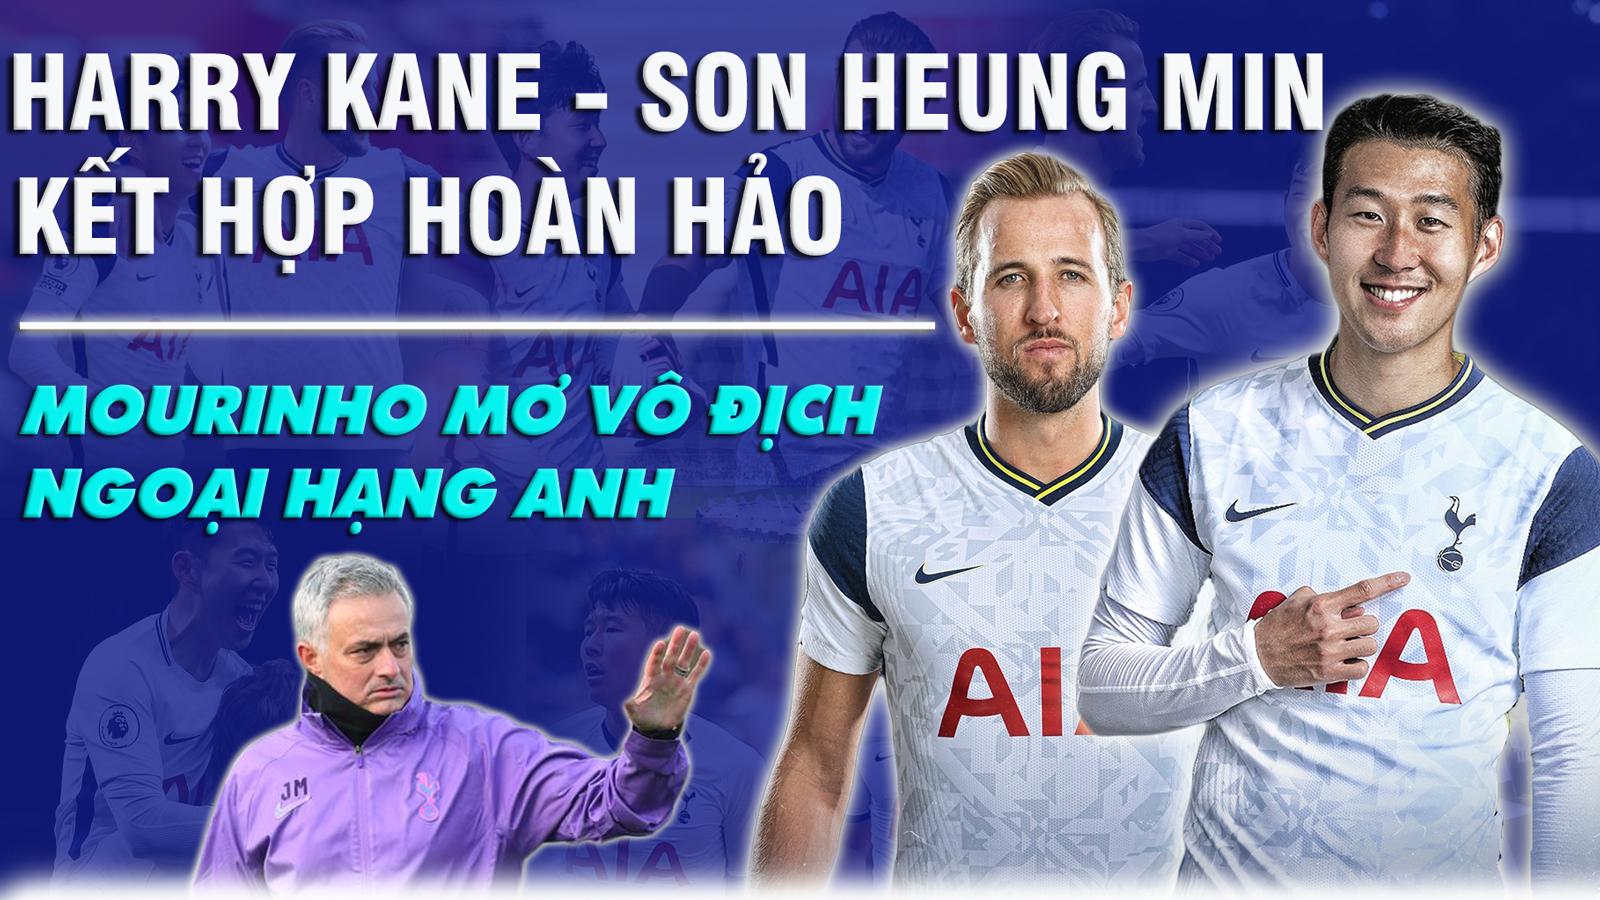 Harry Kane - Son Heung Min kết hợp hoàn hảo, Mourinho mơ vô địch Ngoại hạng Anh - 1